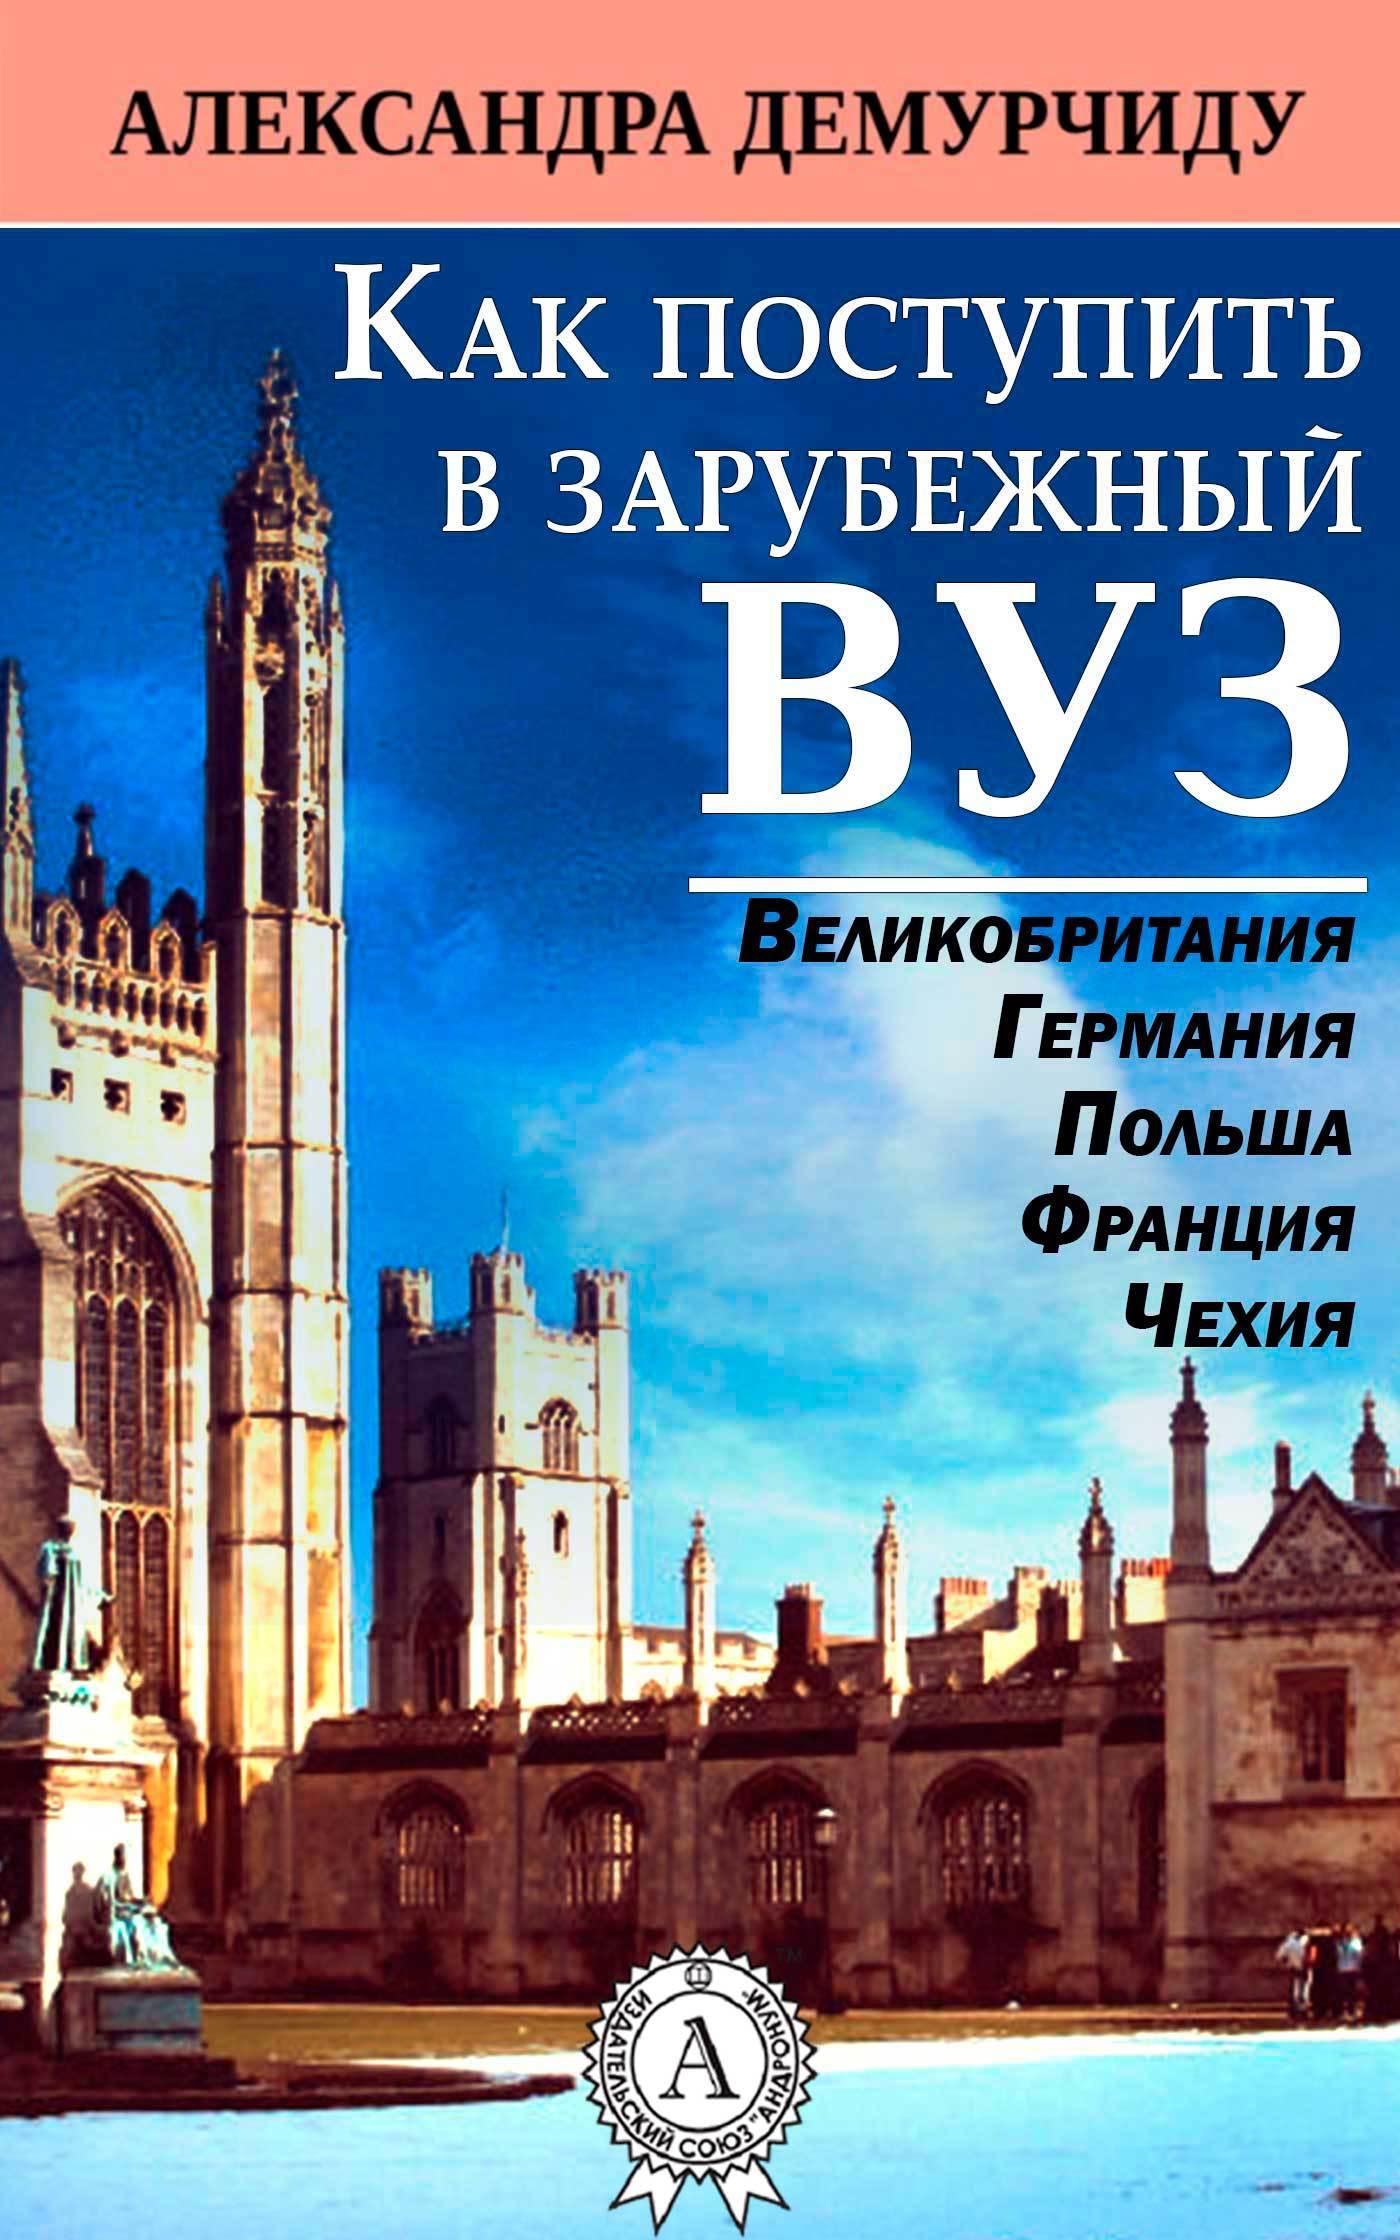 бесплатно скачать Александра Демурчиду интересная книга